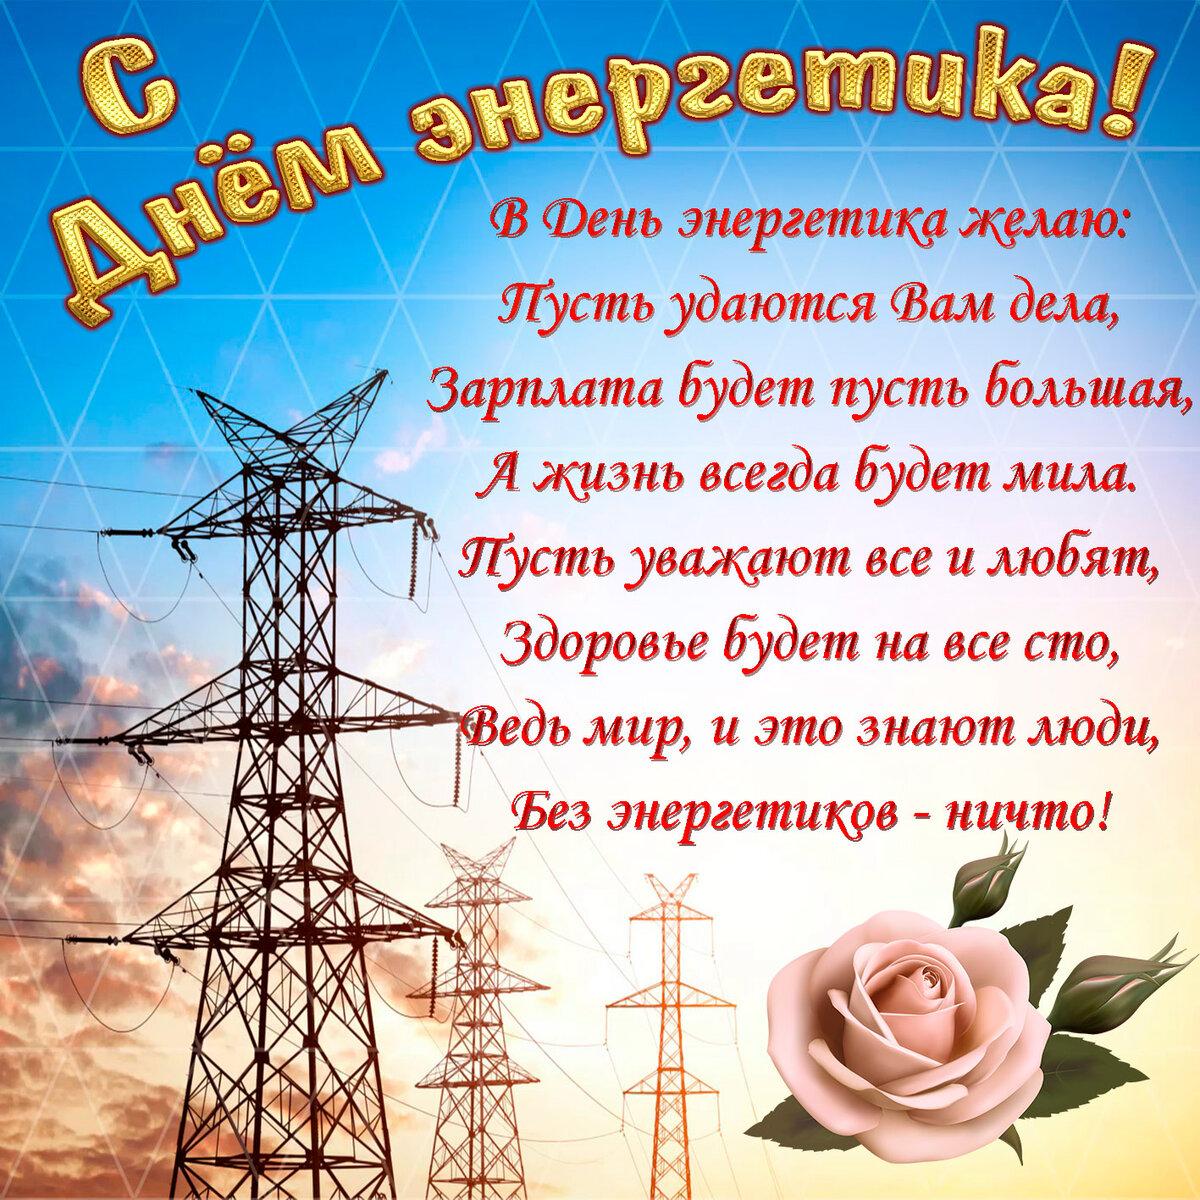 В день энергетика поздравление